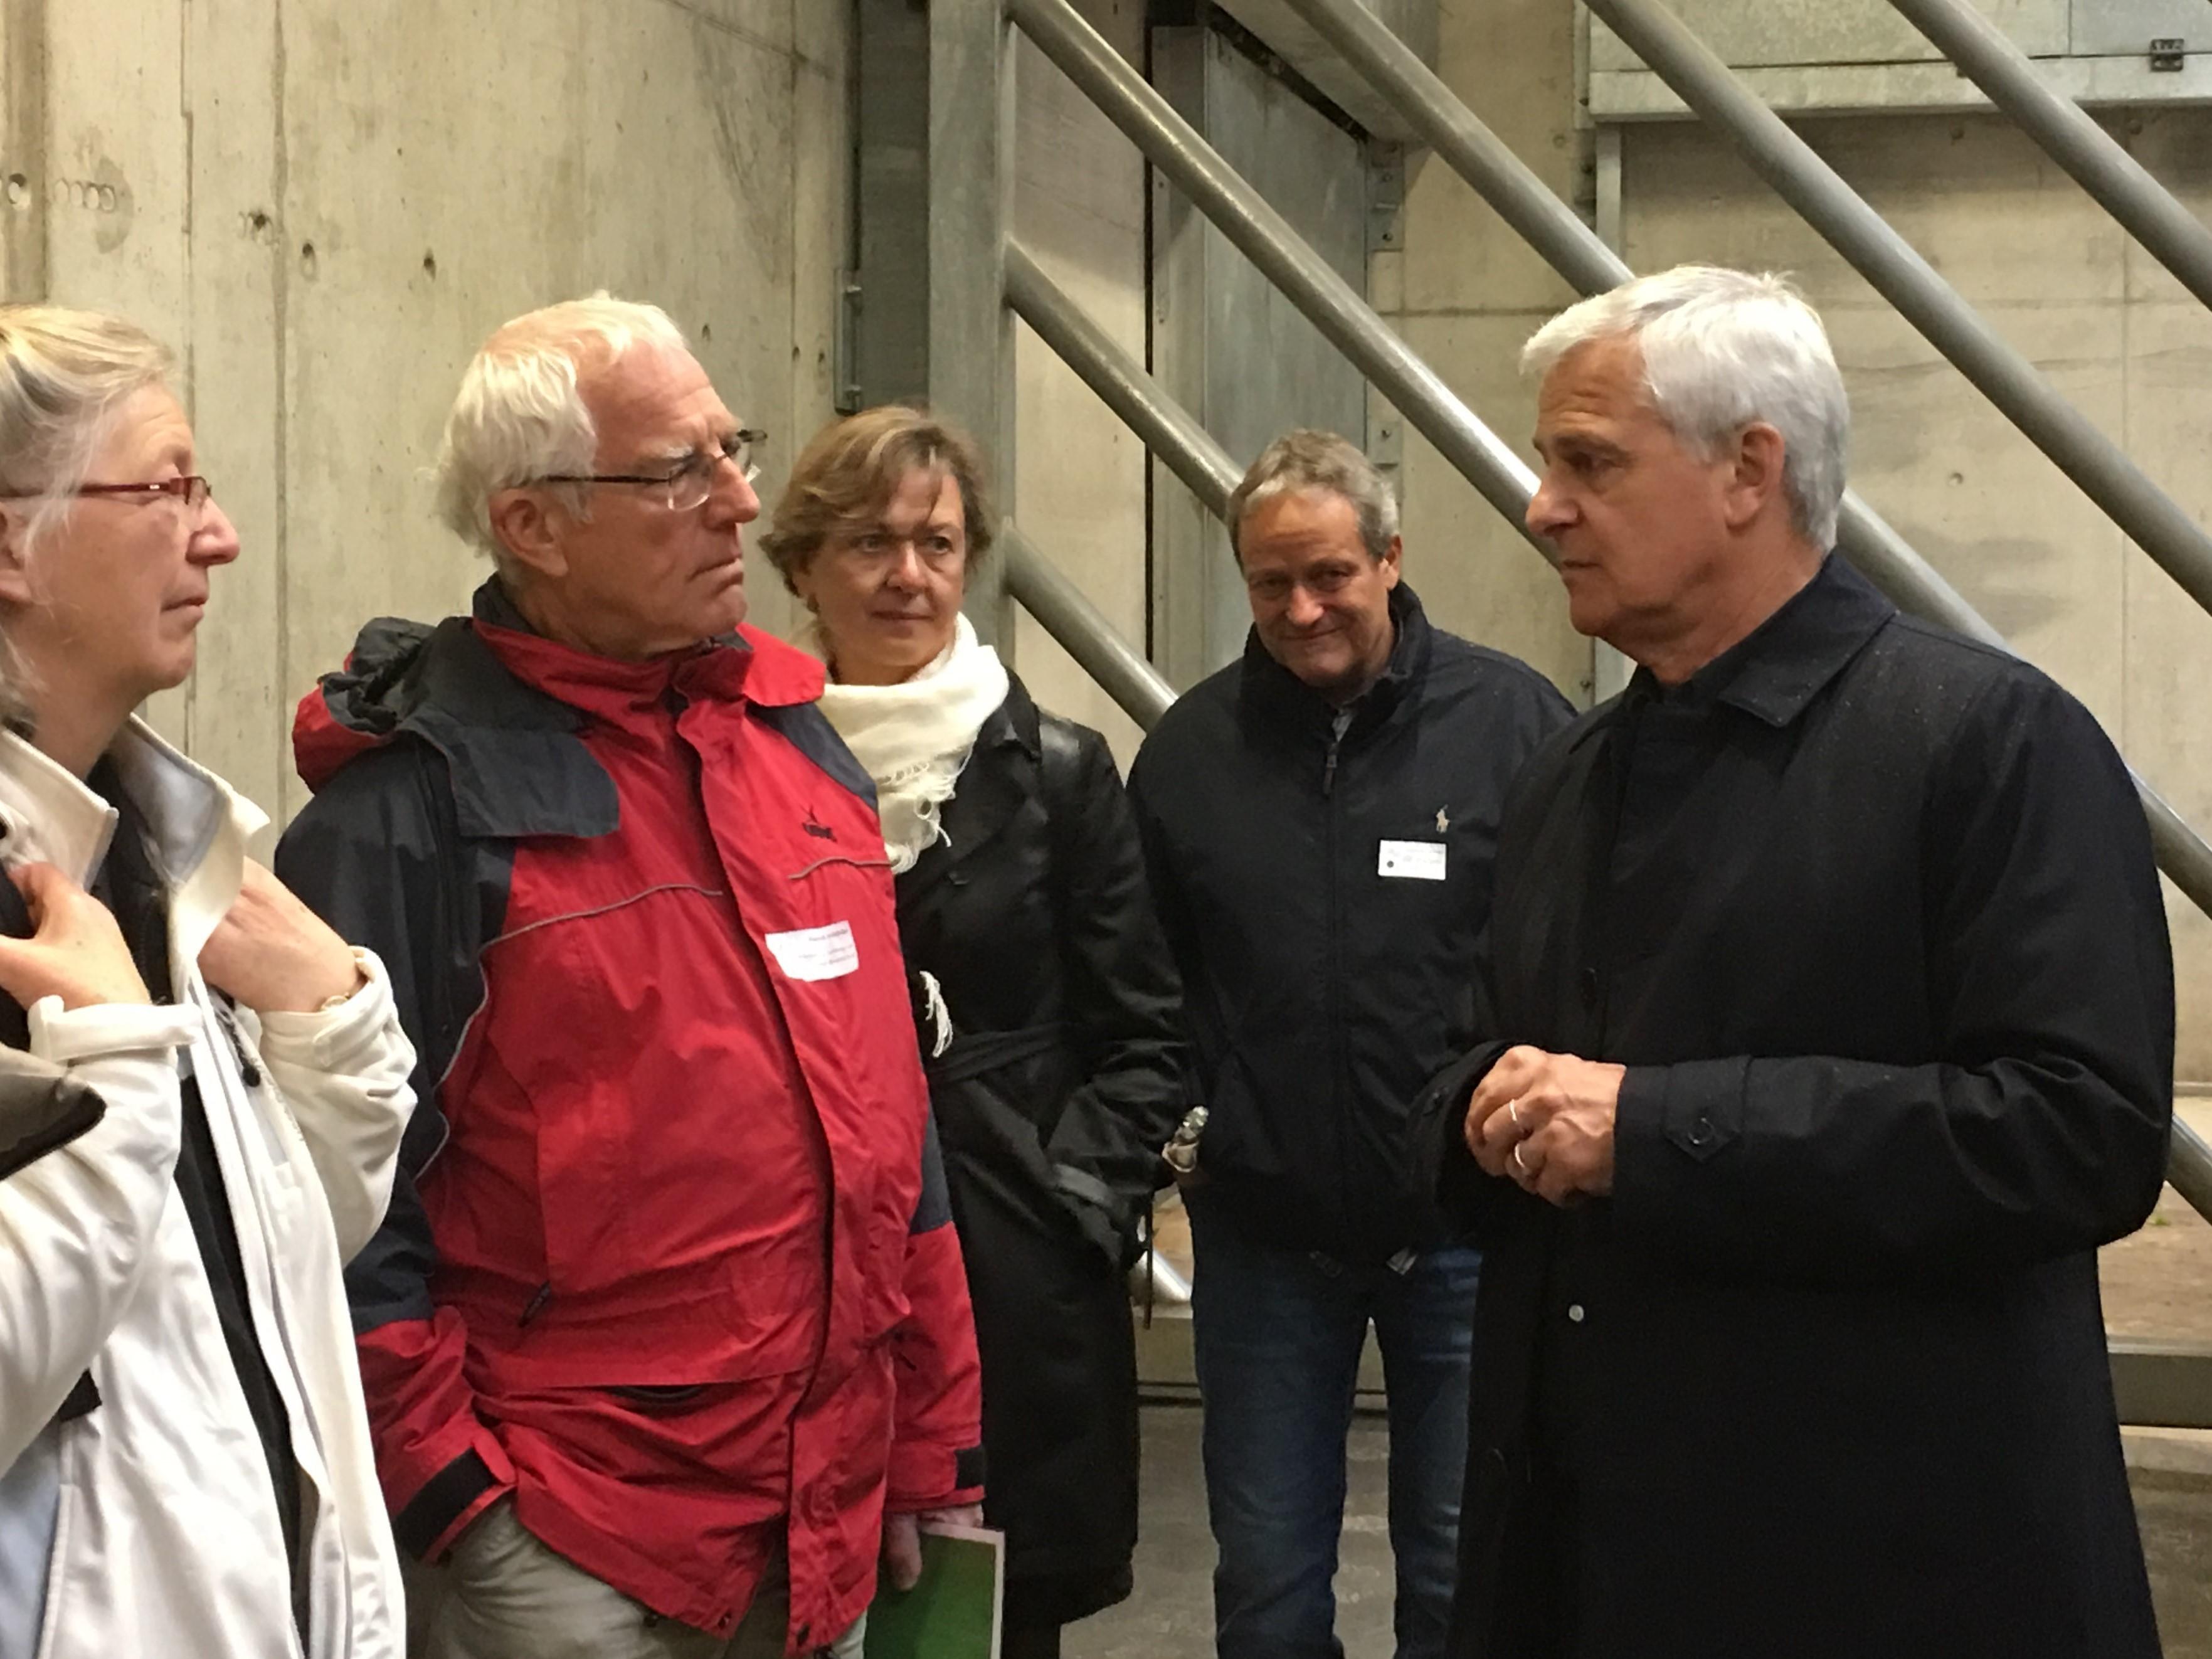 Gerne beantwortet Franco Knie die Fragen der Gäste Patrick Hächler (Präsident Zürich Erneuerbar mit Frau Beatrice), Elisabet Marzorati (Gemeinrätin Bäretswil) und Mathias Rieder (Gemeindeparlamentarier Kloten).